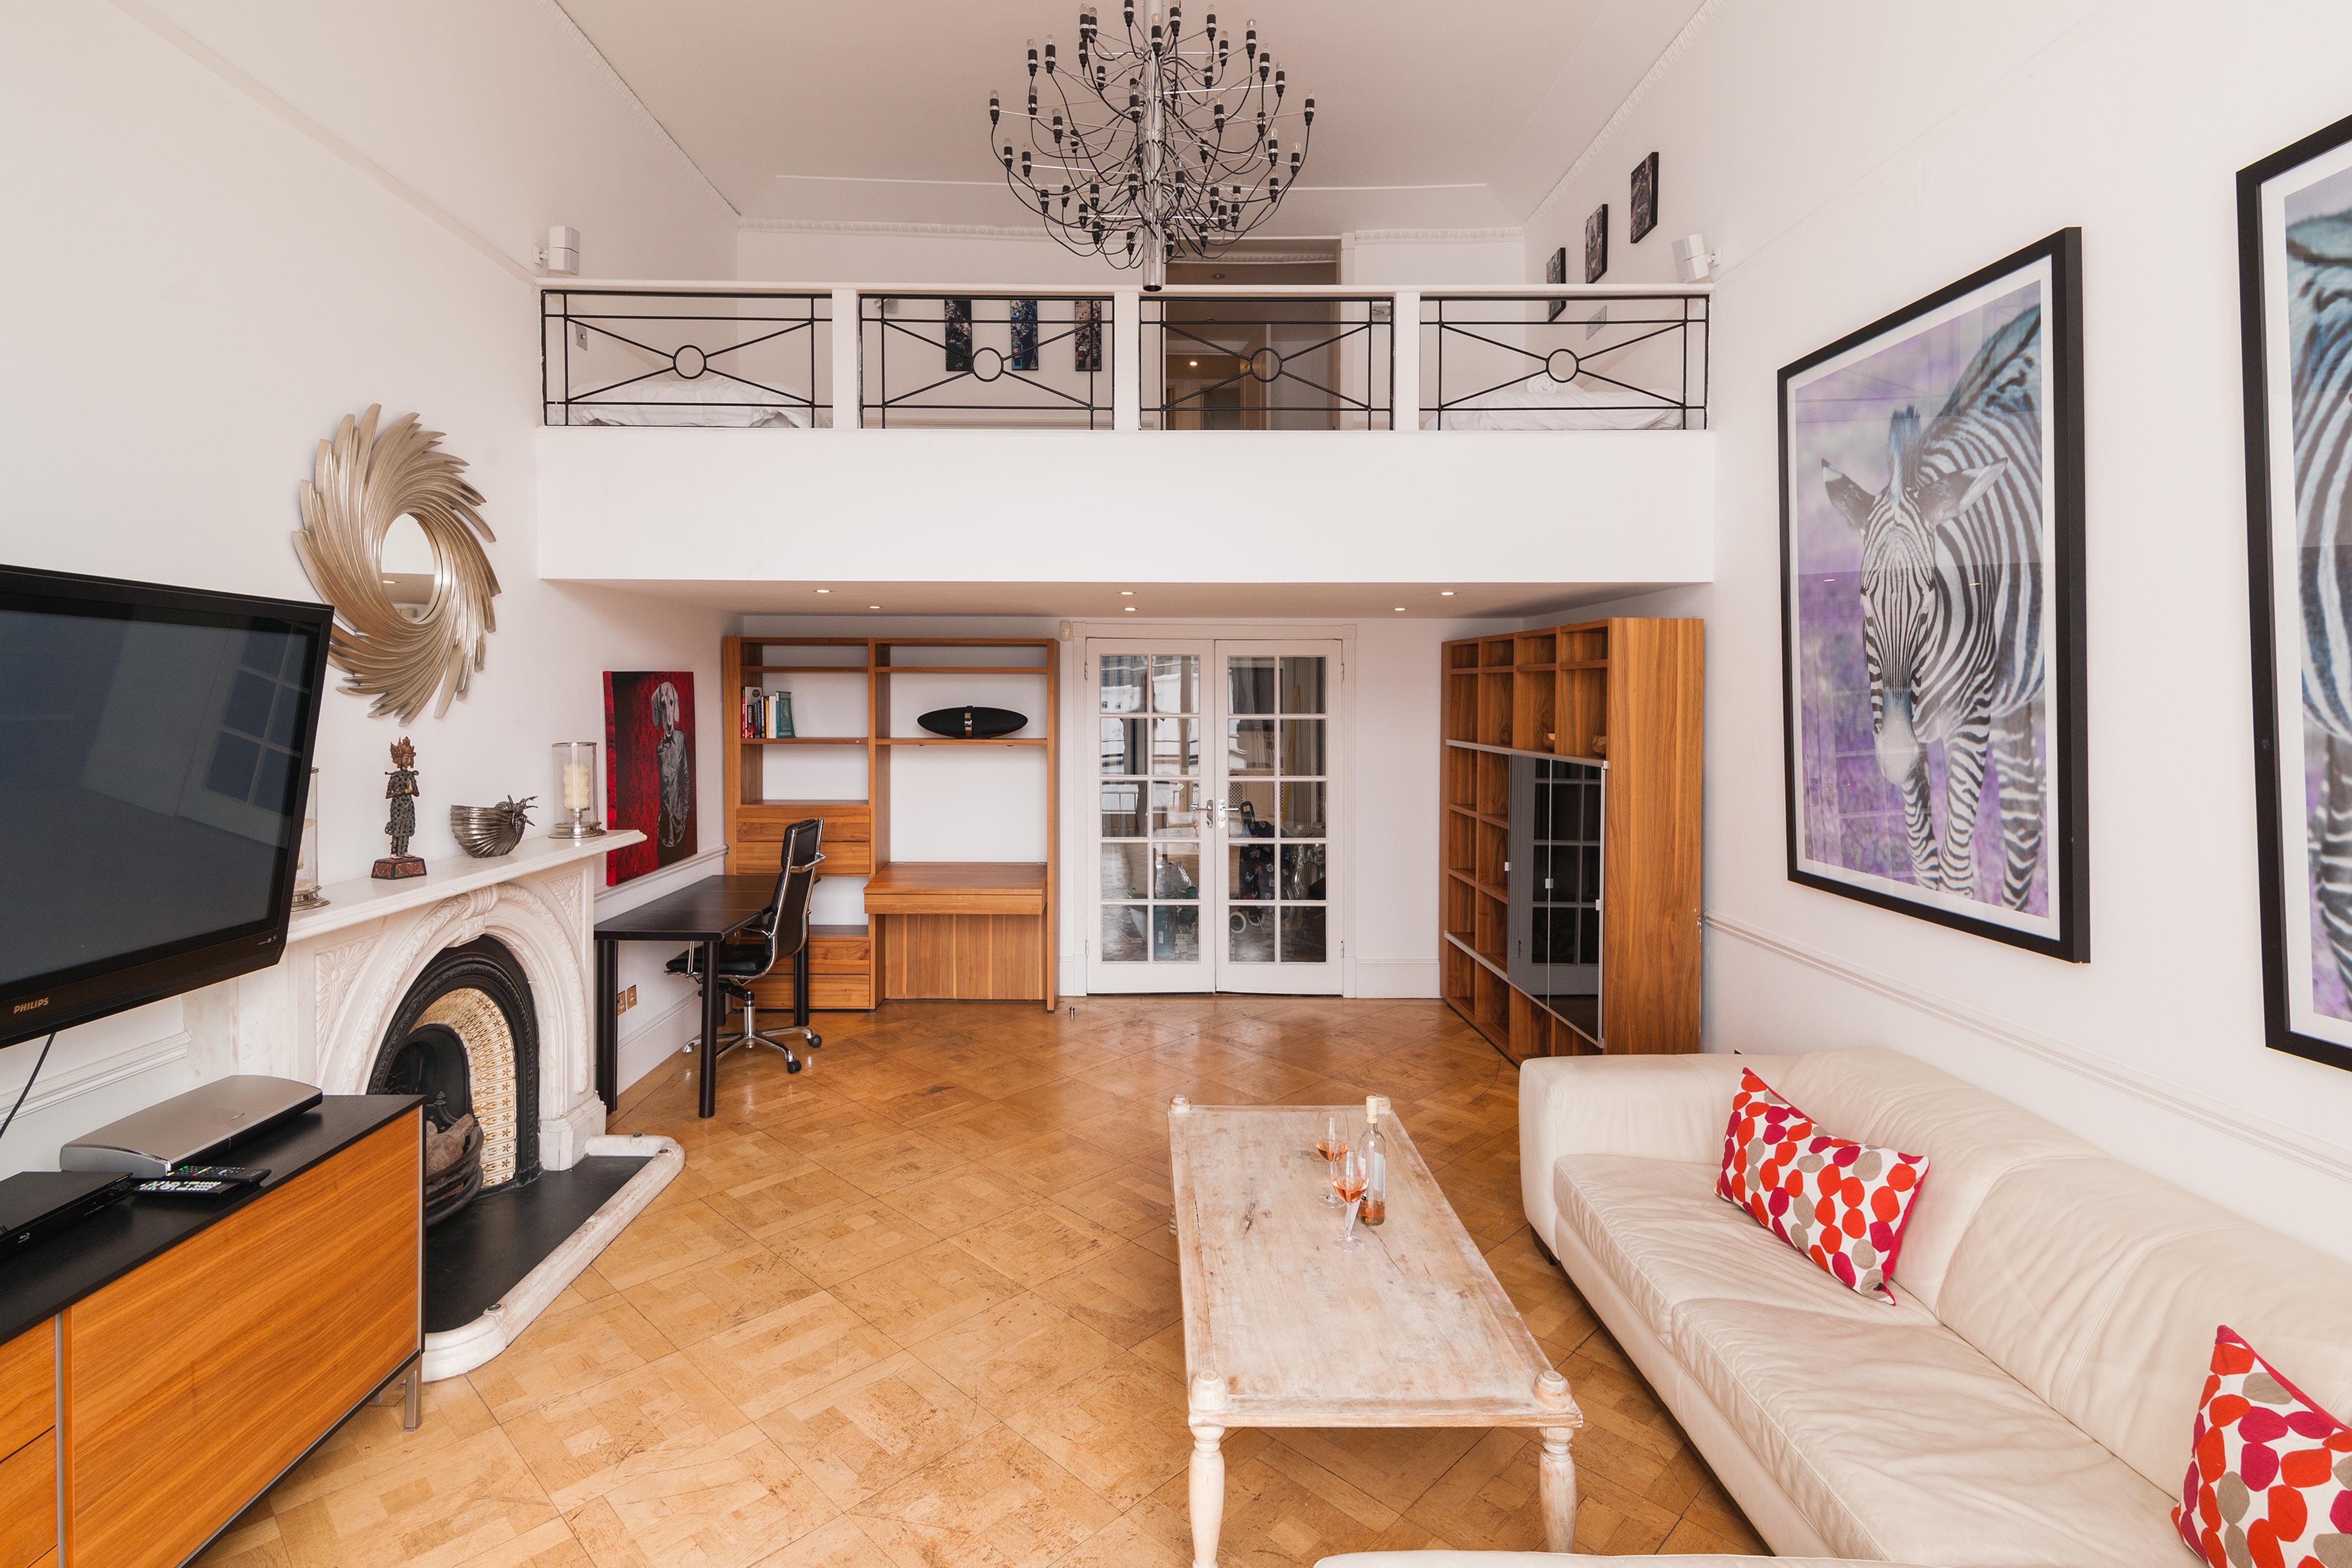 Apartamentos en londres en alquiler wuking - Apartamentos en londres booking ...